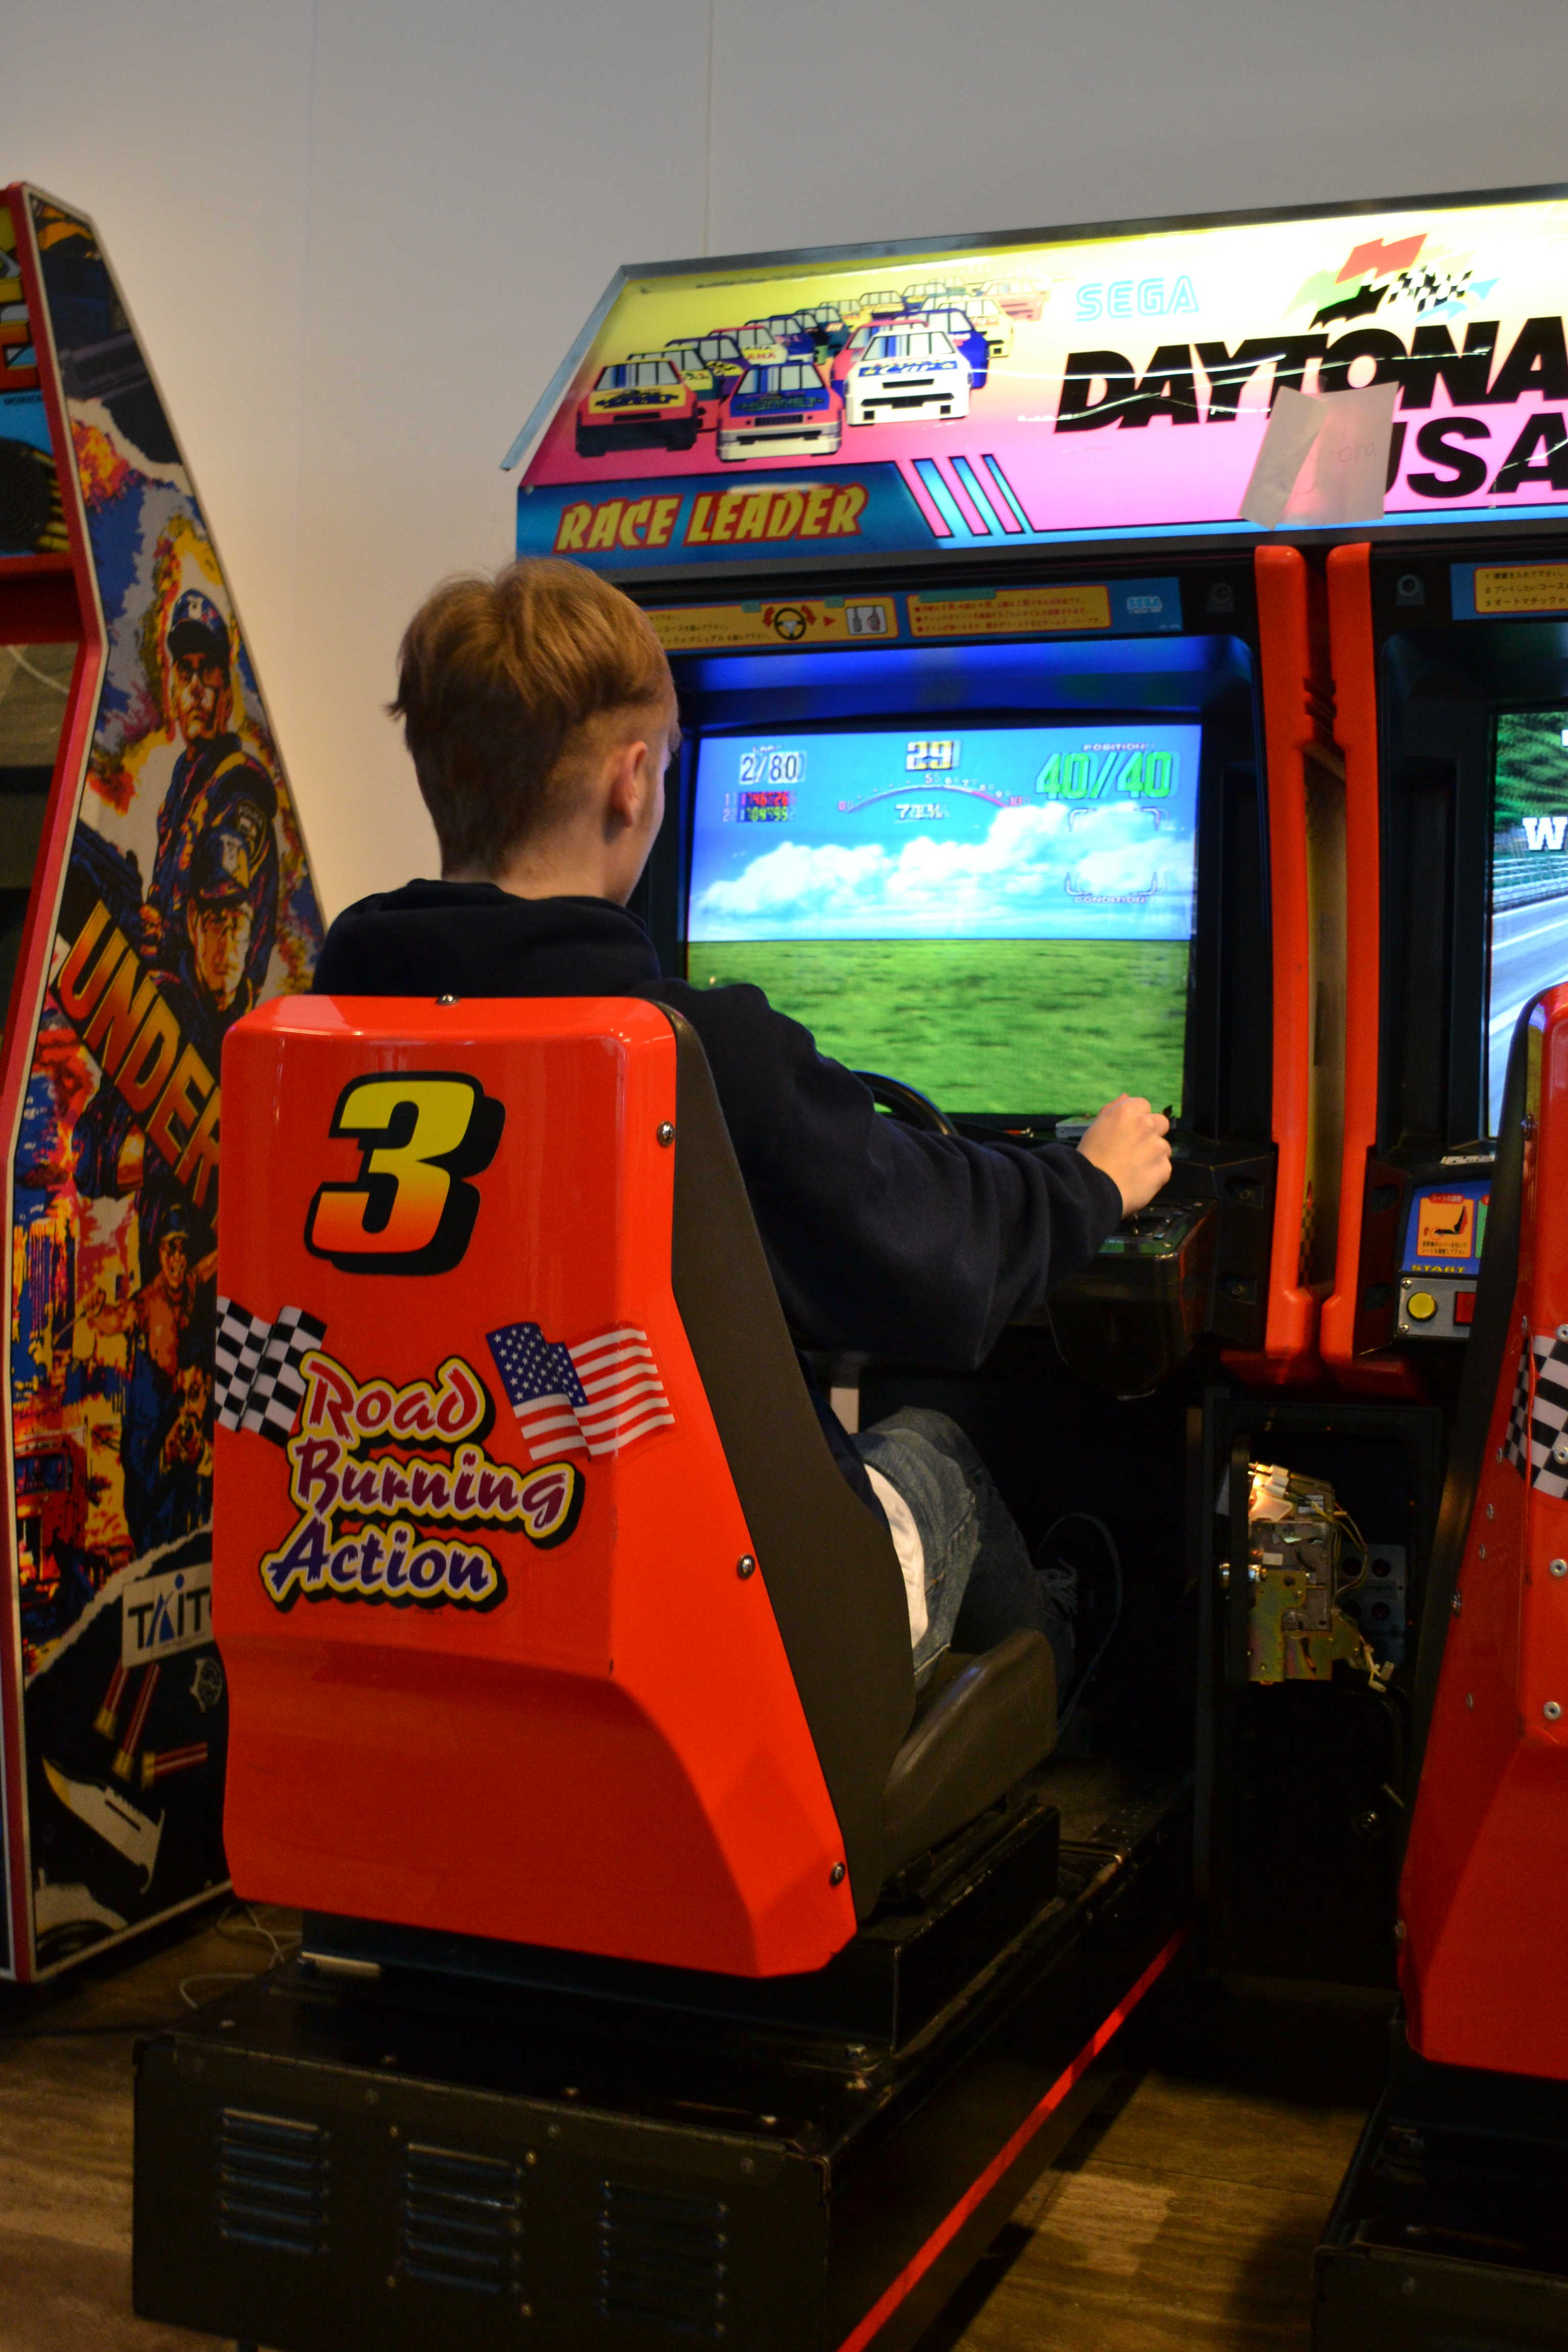 Daytona Usa Sega 1994 Mediamatic